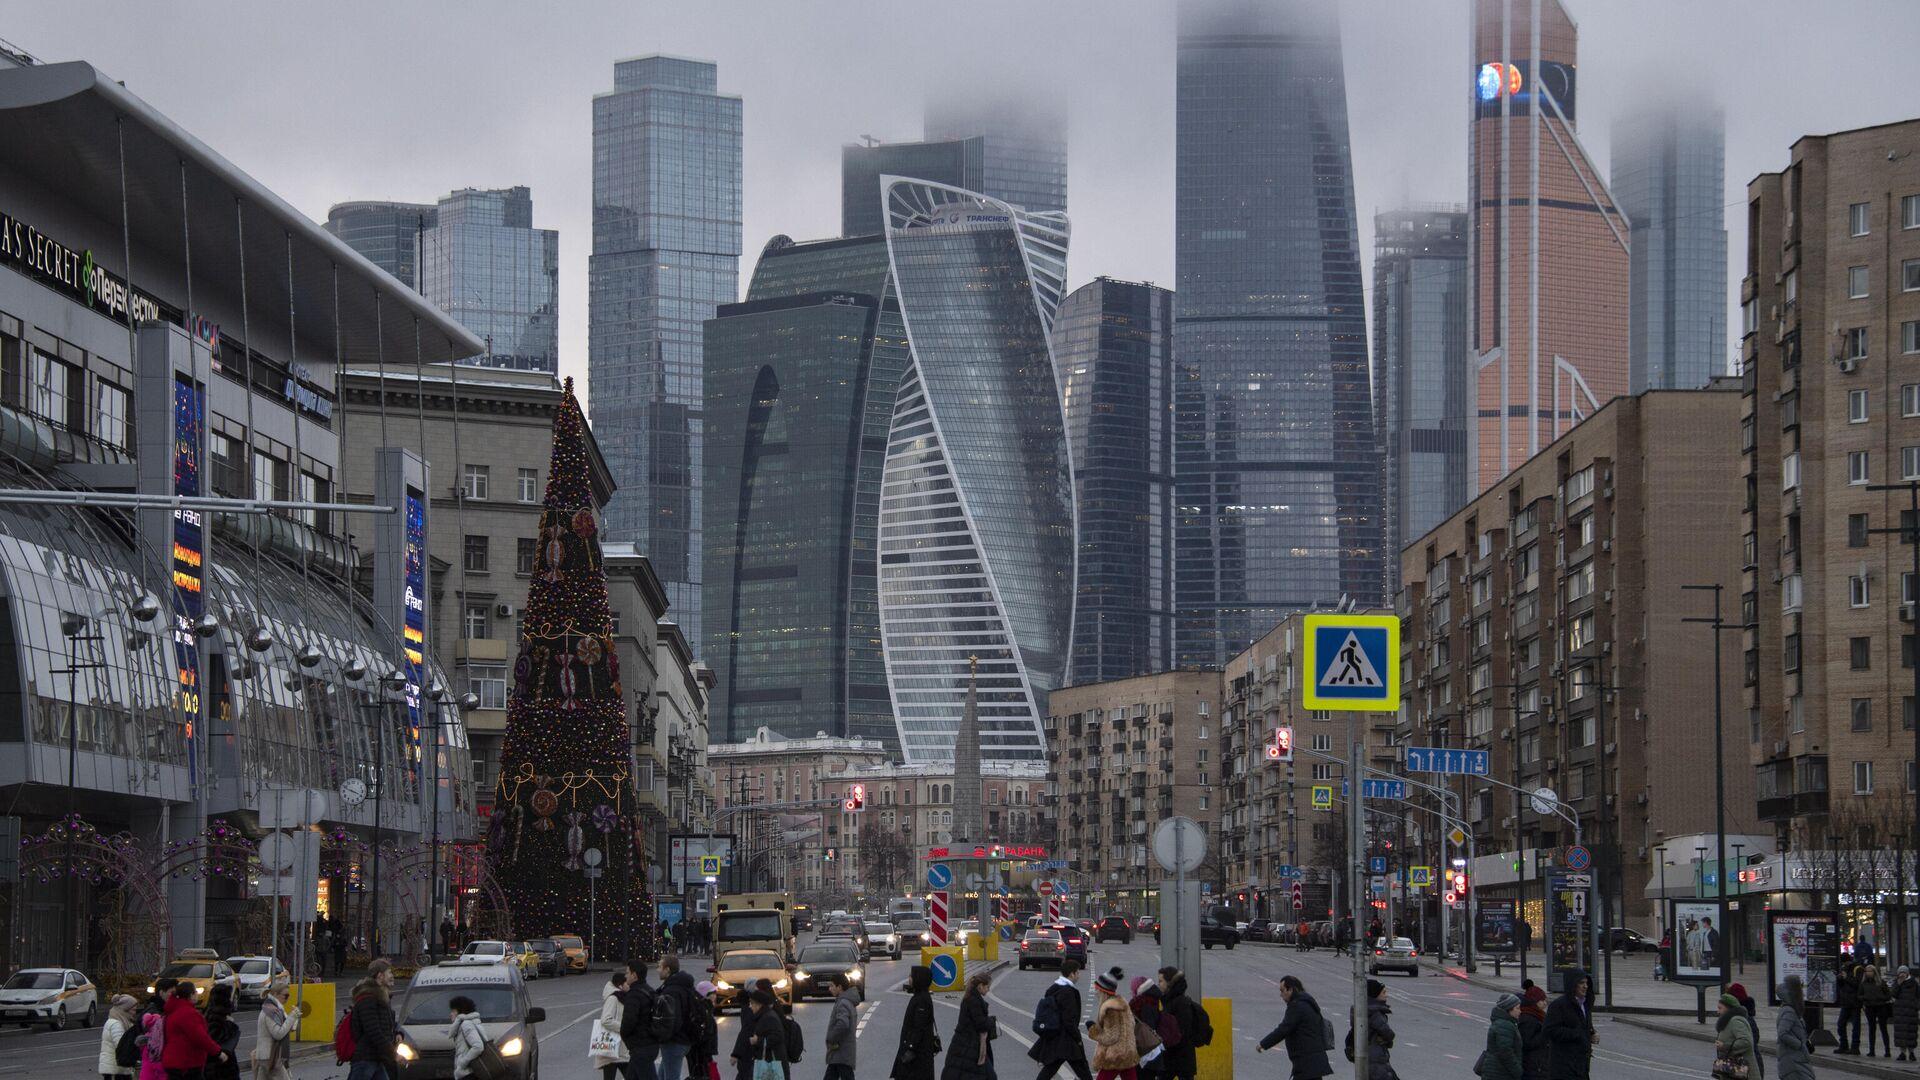 Пешеходы переходят Большую Дорогомиловскую улицу в Москве - РИА Новости, 1920, 20.02.2021